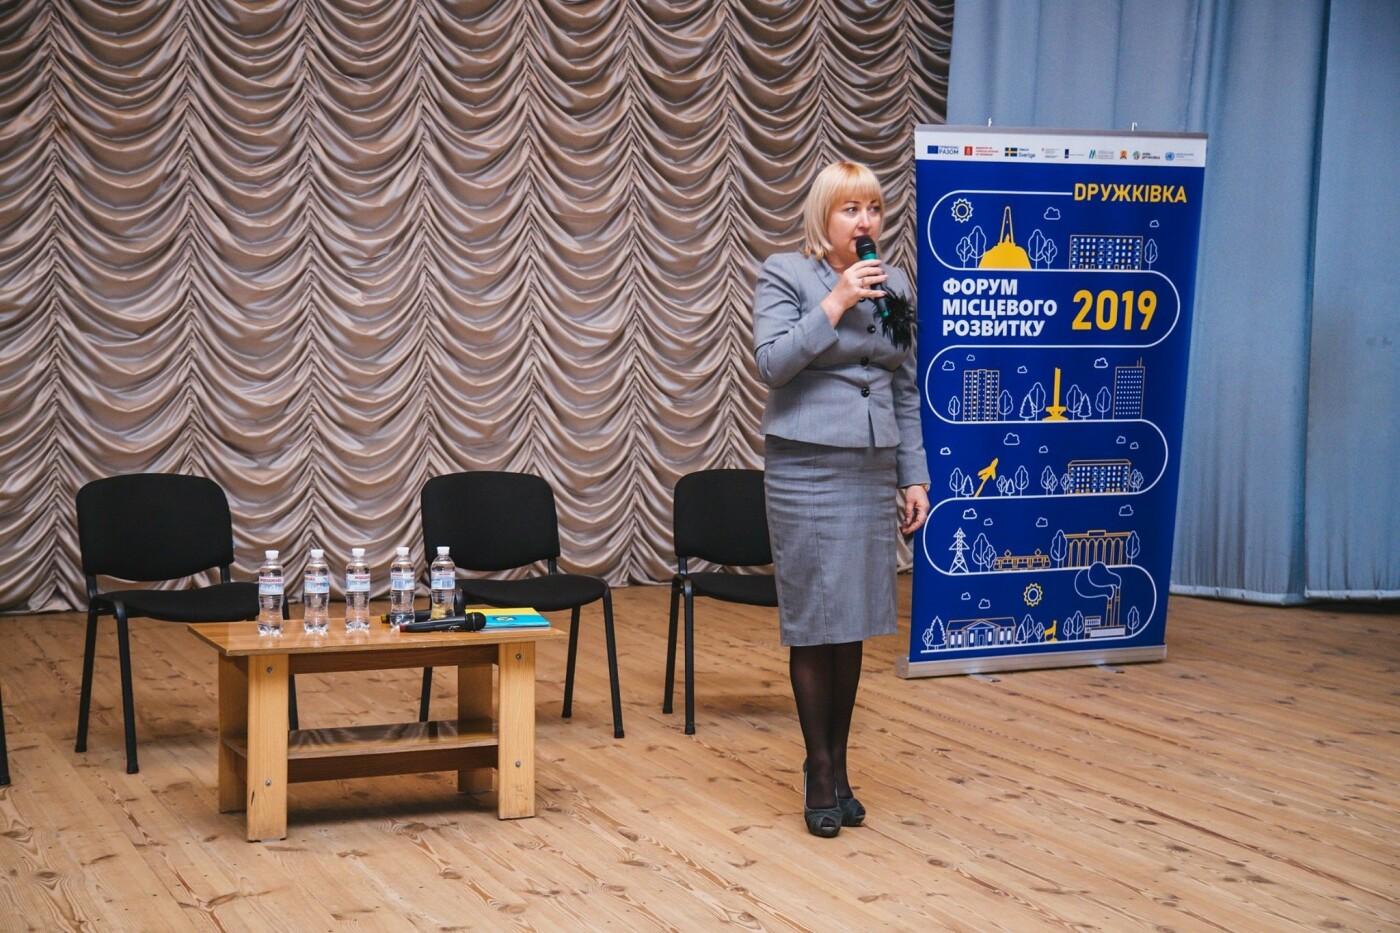 Дружківка: На Форумі місцевого розвитку пройшли плідні дискусії про майбутнє міста та громади (ФОТО), фото-19